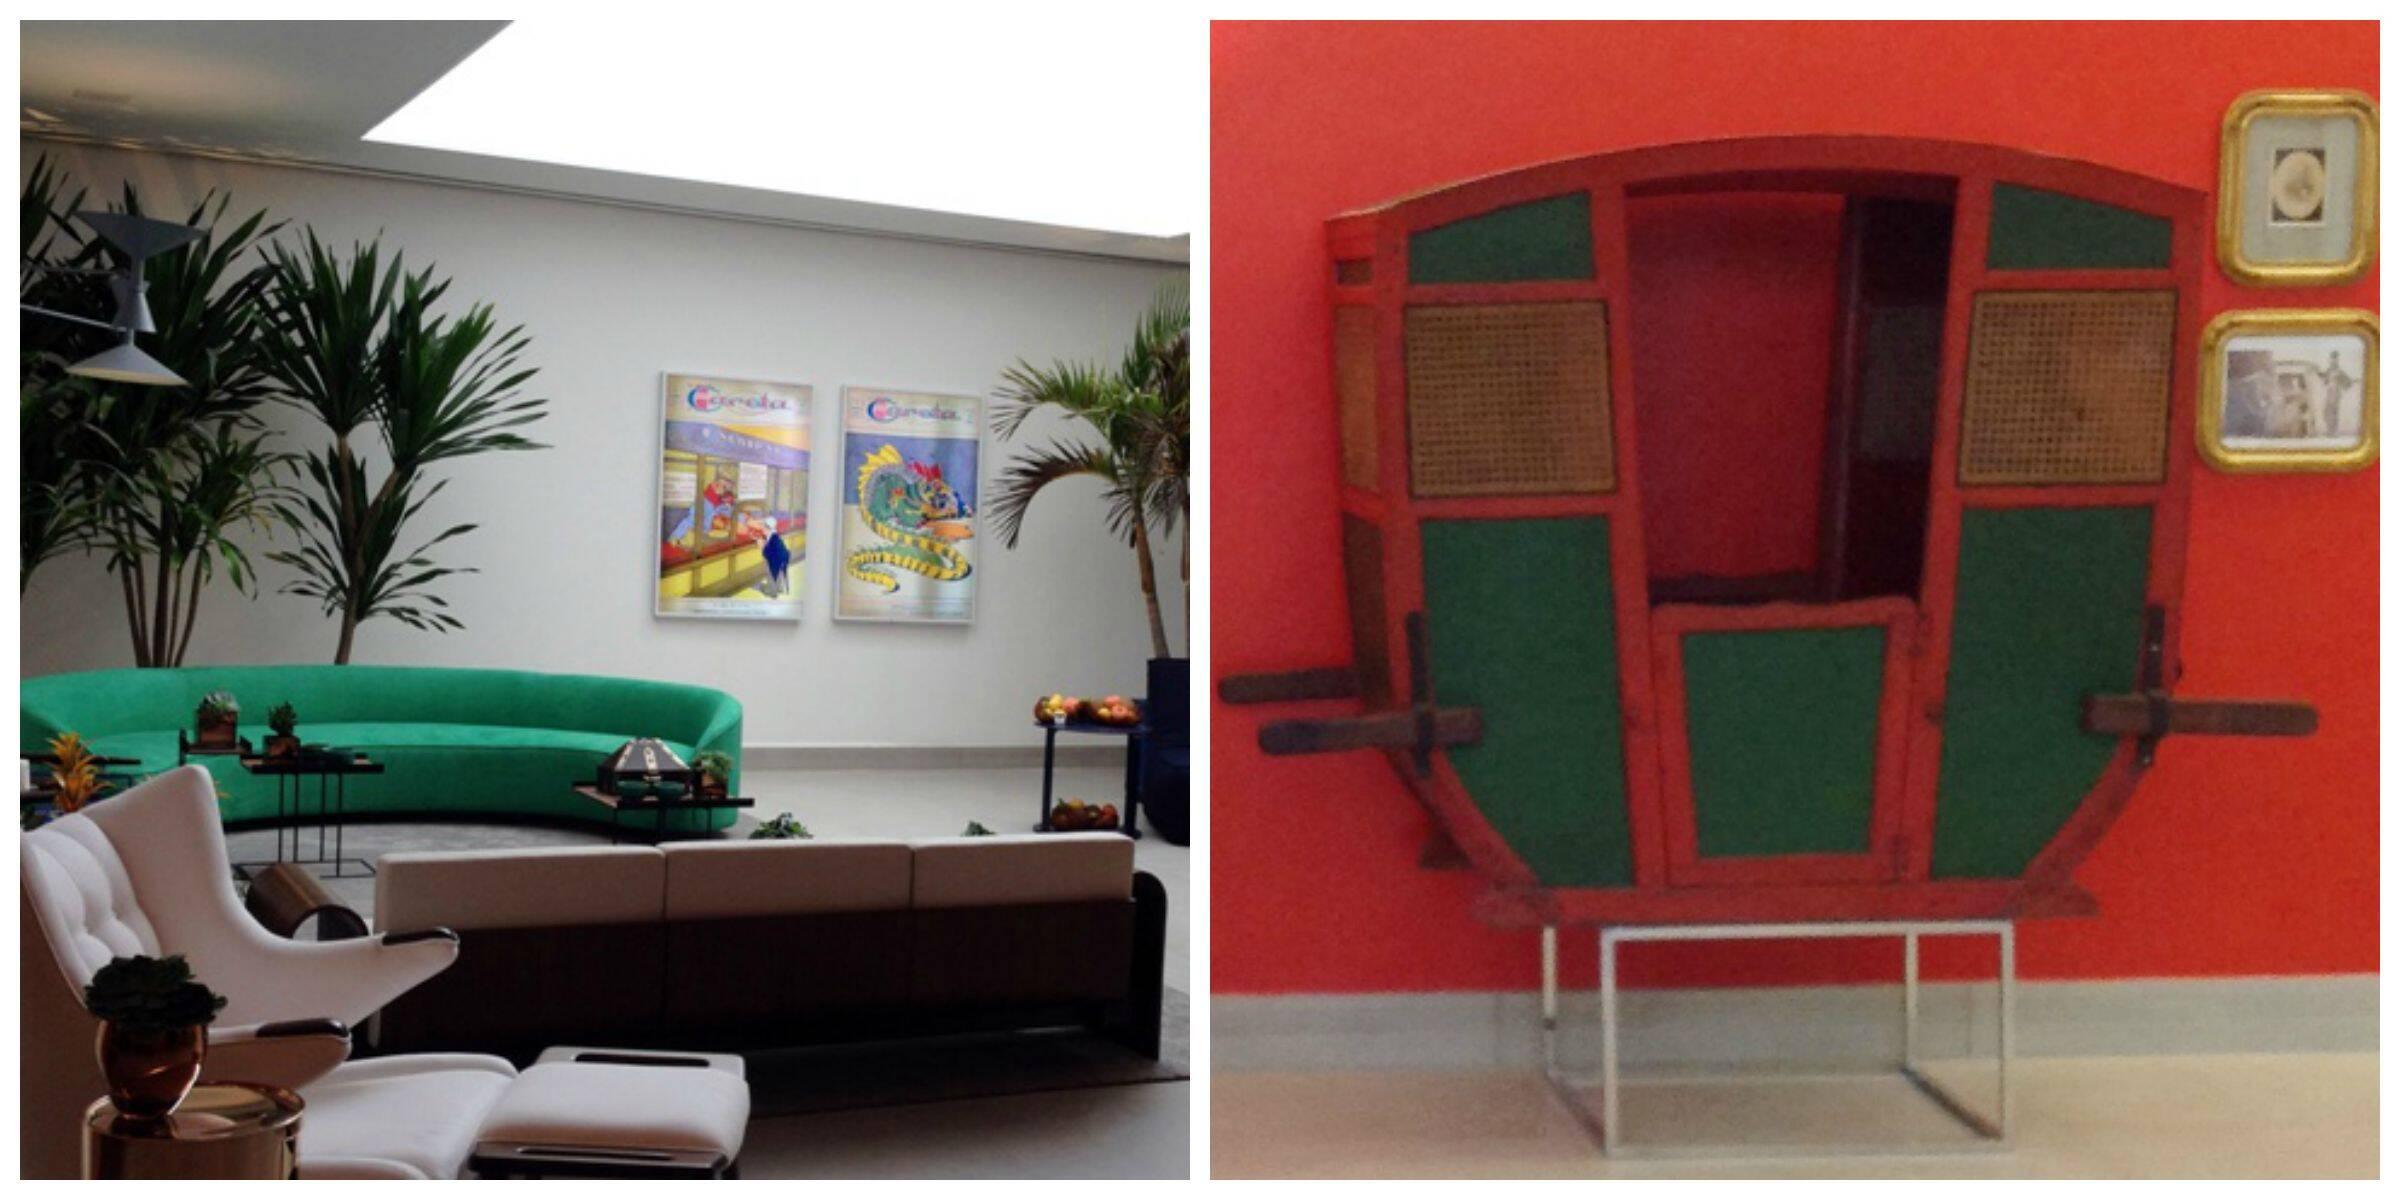 No alto, o anúncio da Pasta Russa; acima, à esquerda, vista geral do foyer, com claraboia de sete metros; ao lado, a liteira de família / Fotos: divulgação